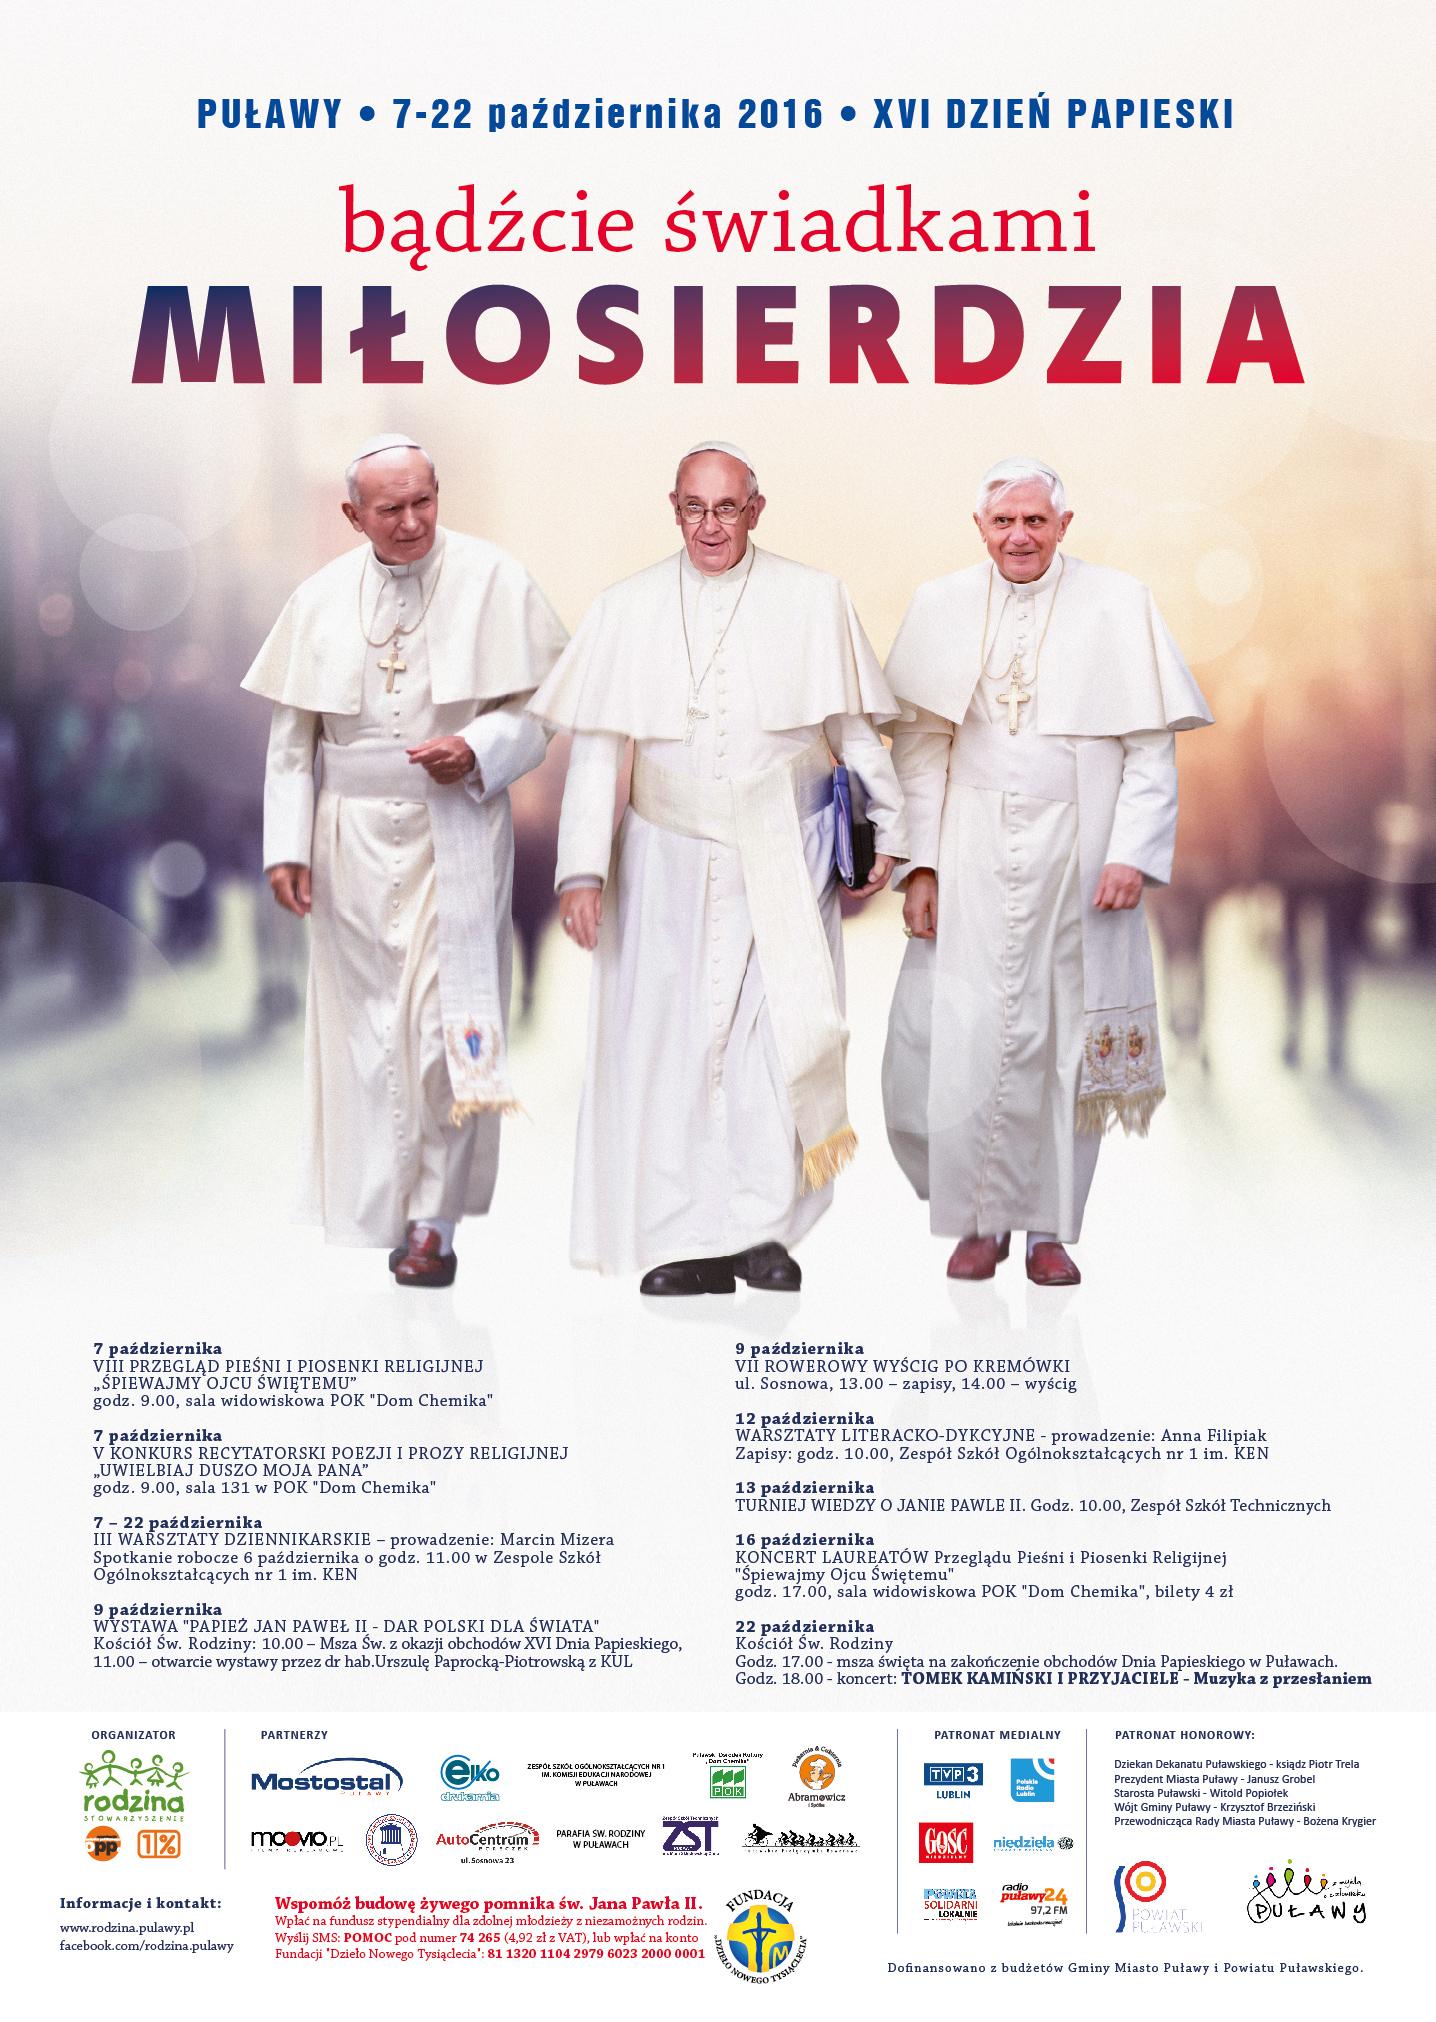 dzien-papieski-2016-plakat-01